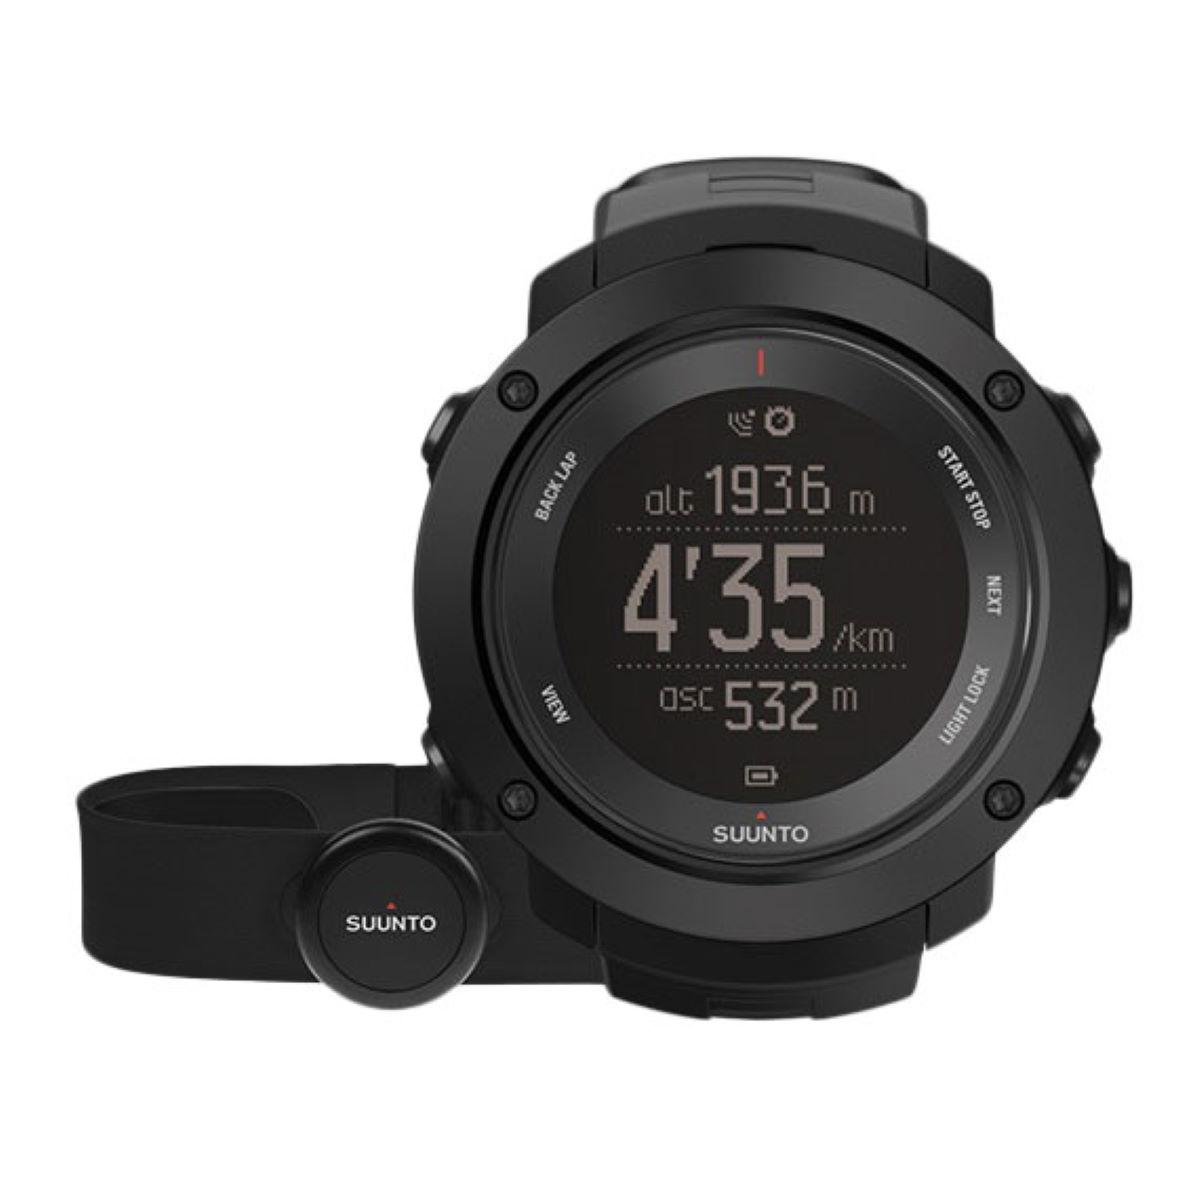 Reloj deportivo Suunto Ambit 3 Vertical (con pulsómetro) - Pulsómetros GPS